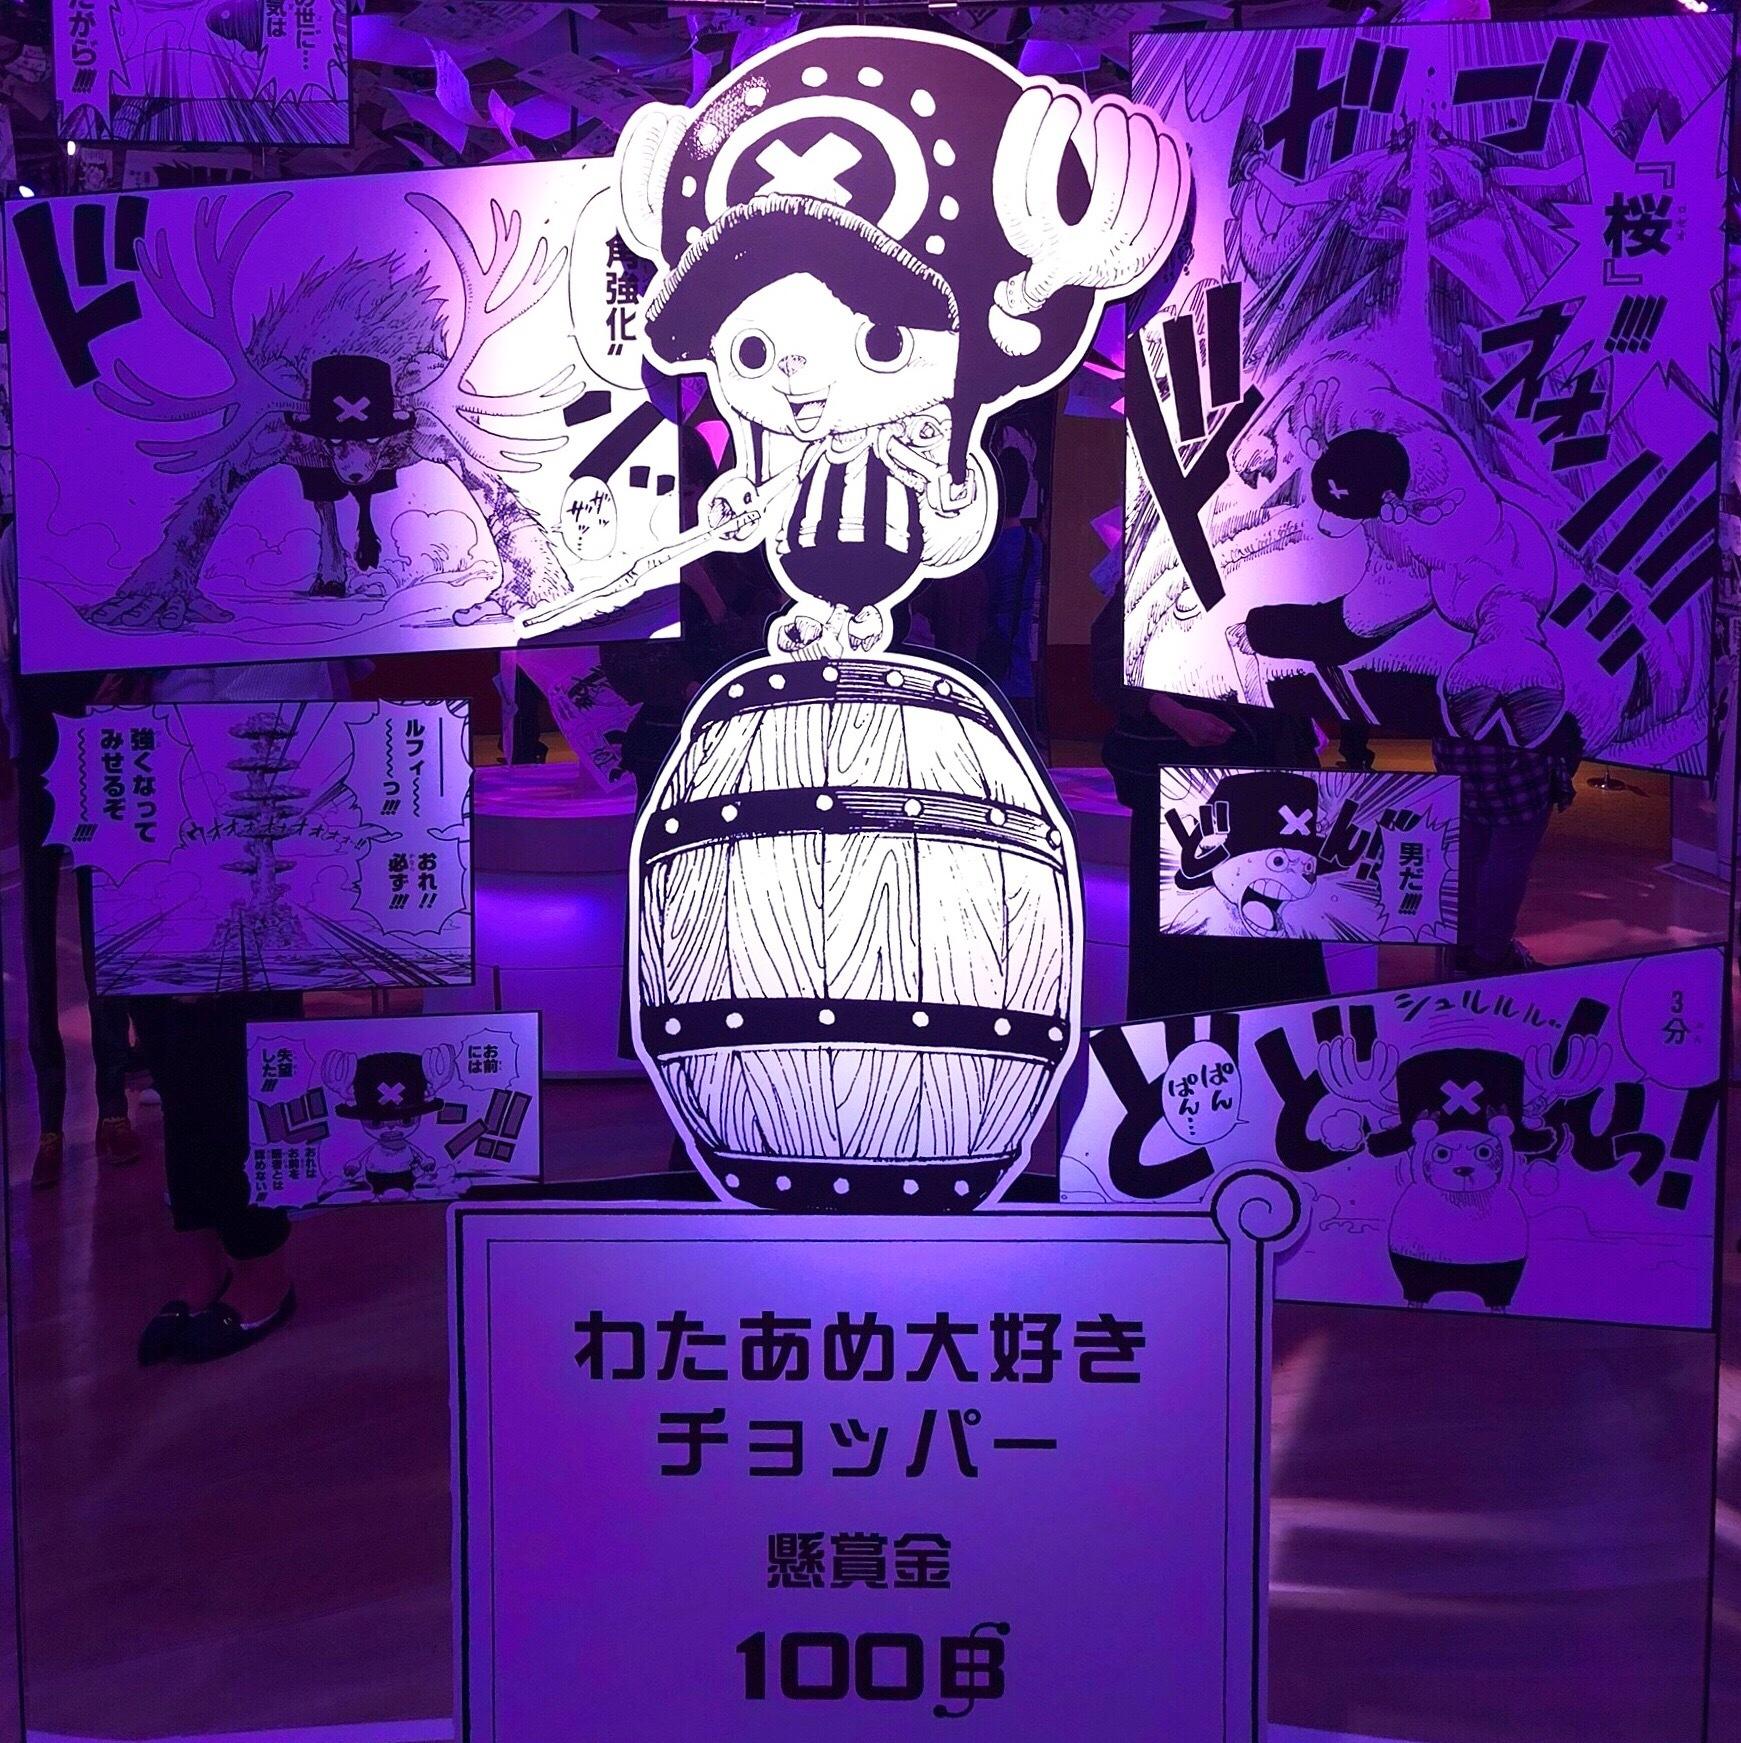 【 第124回❤︎ 】『創刊50周年記念 週刊少年ジャンプ展 VOL.3』☺︎_1_3-2